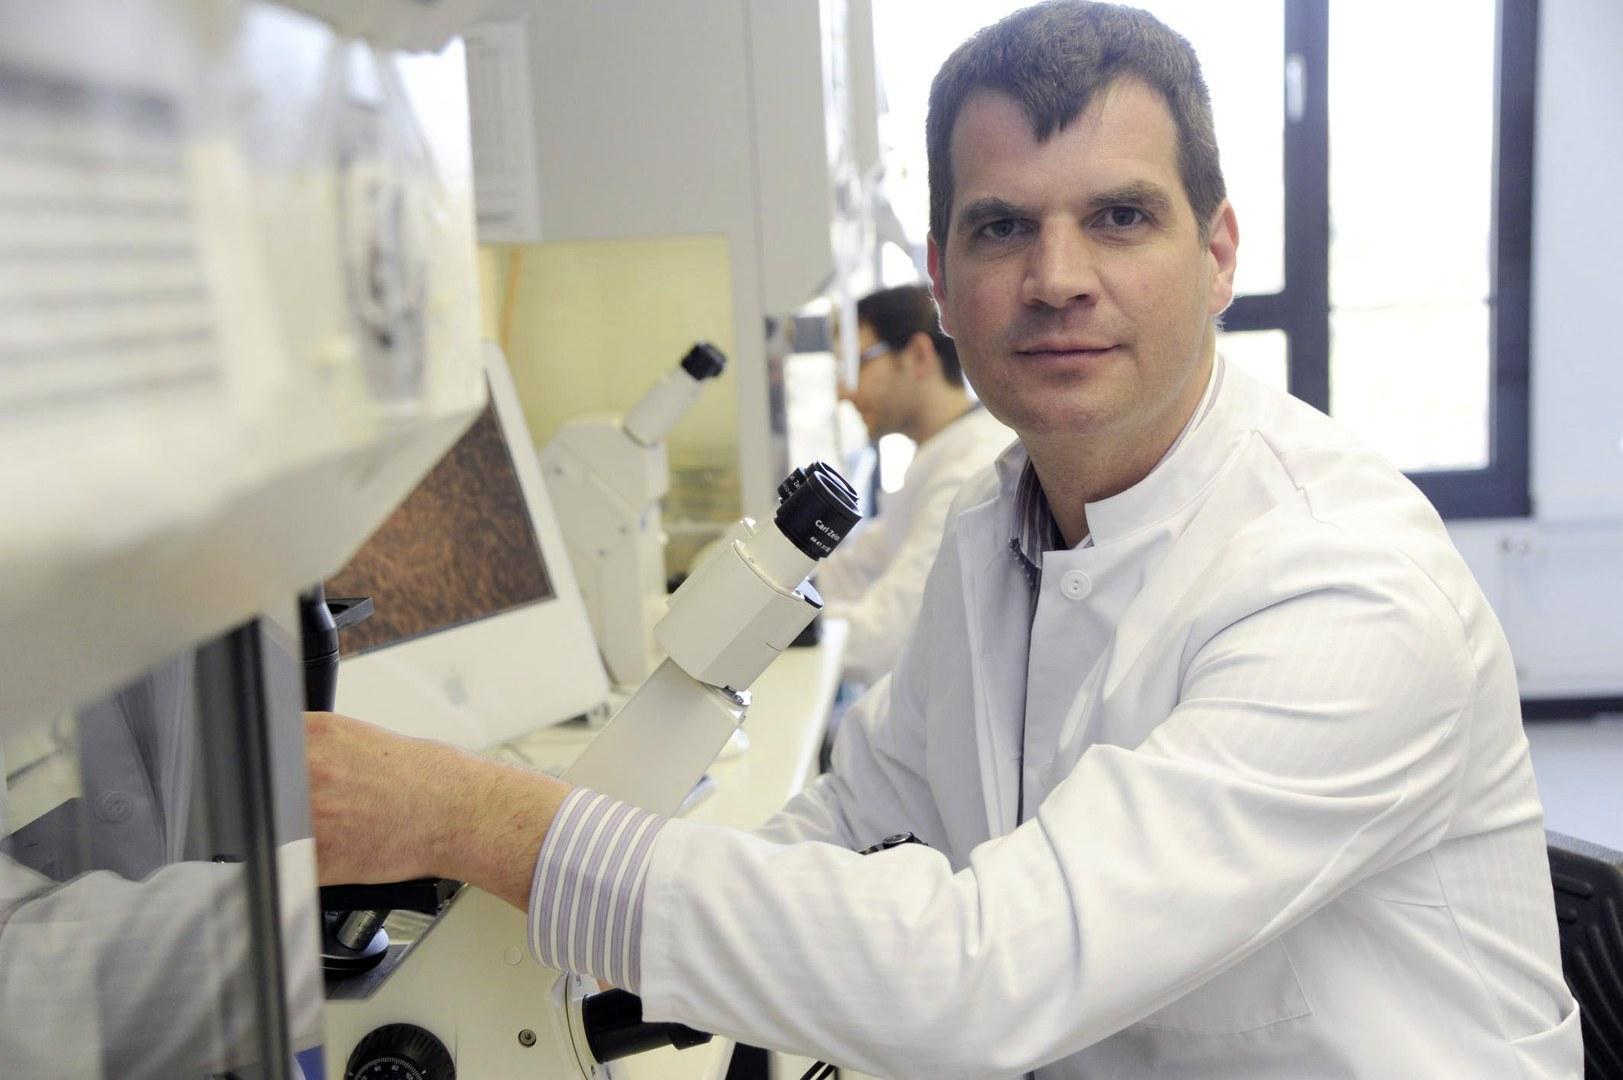 Dr. Frank Edenhofer